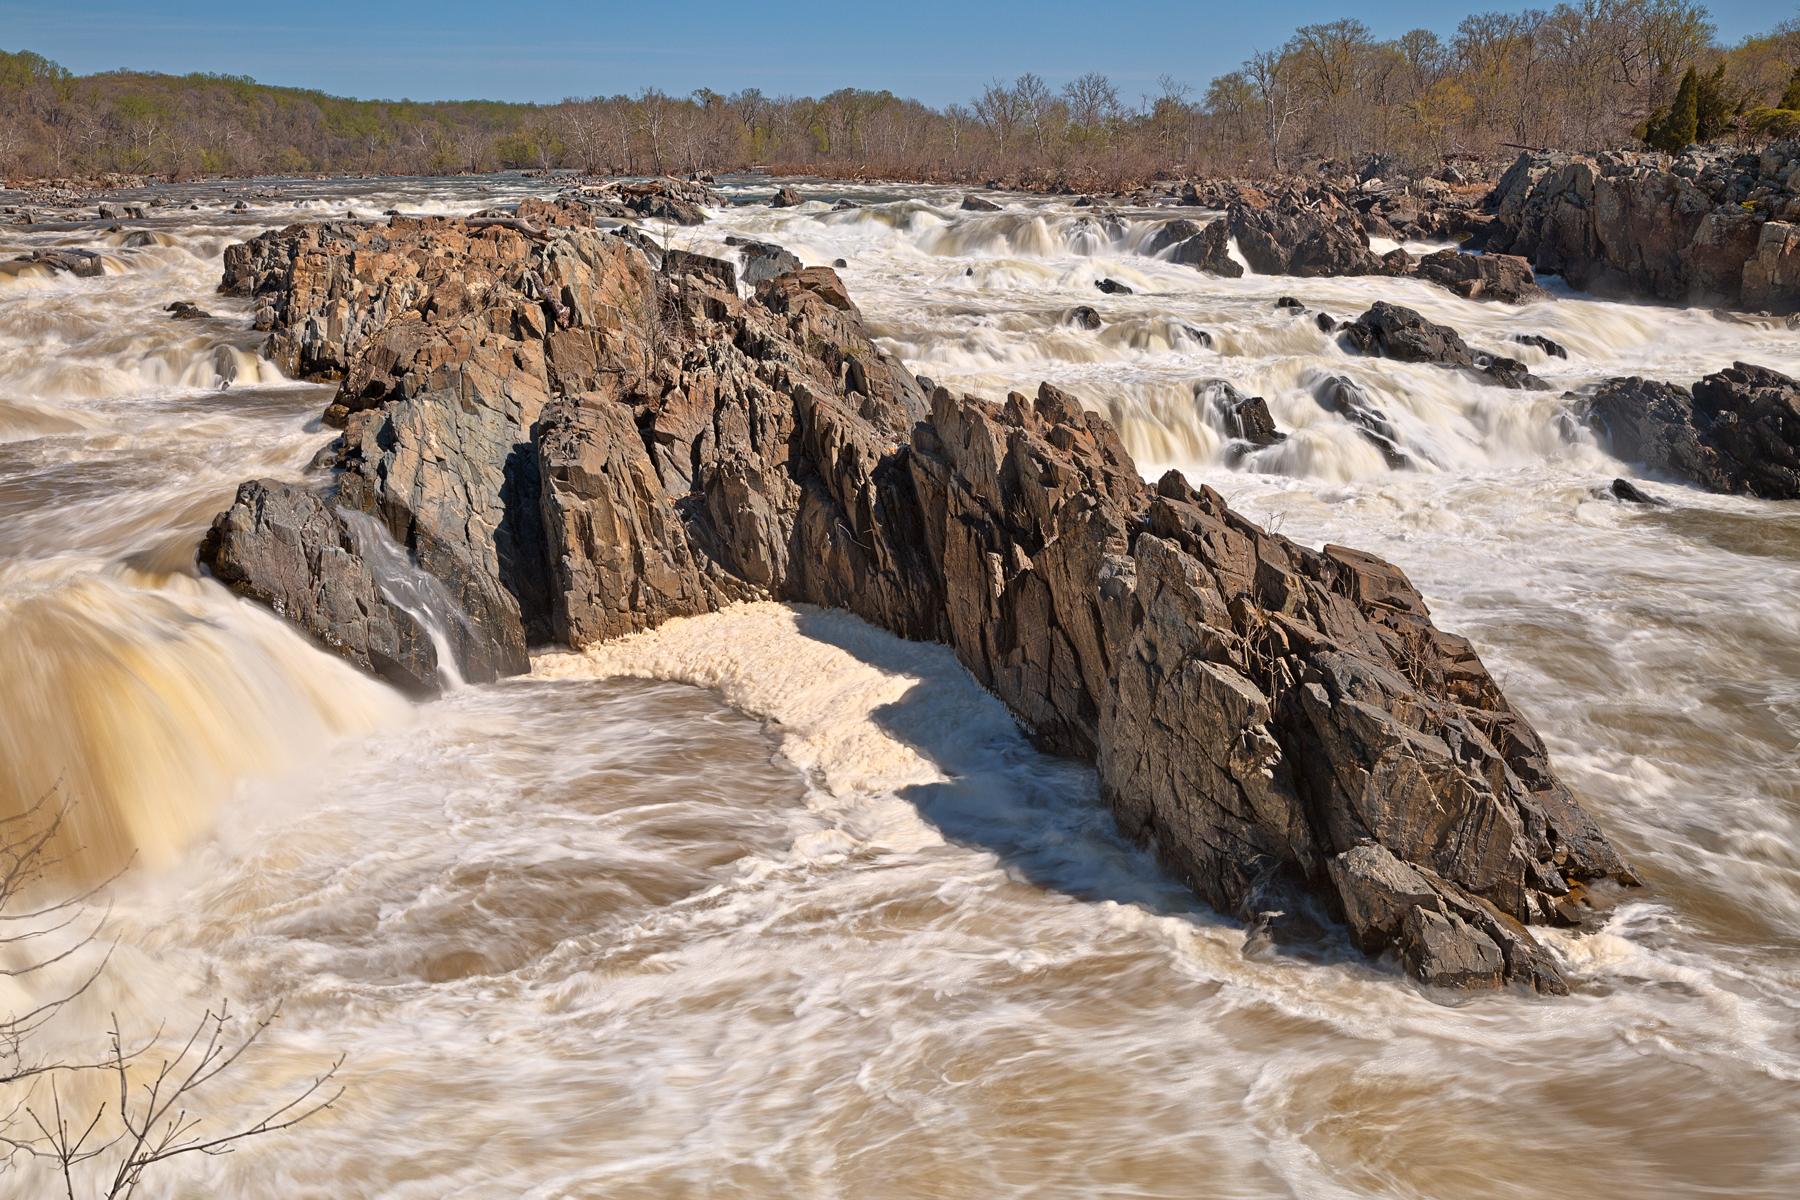 Great falls leviathan - hdr photo